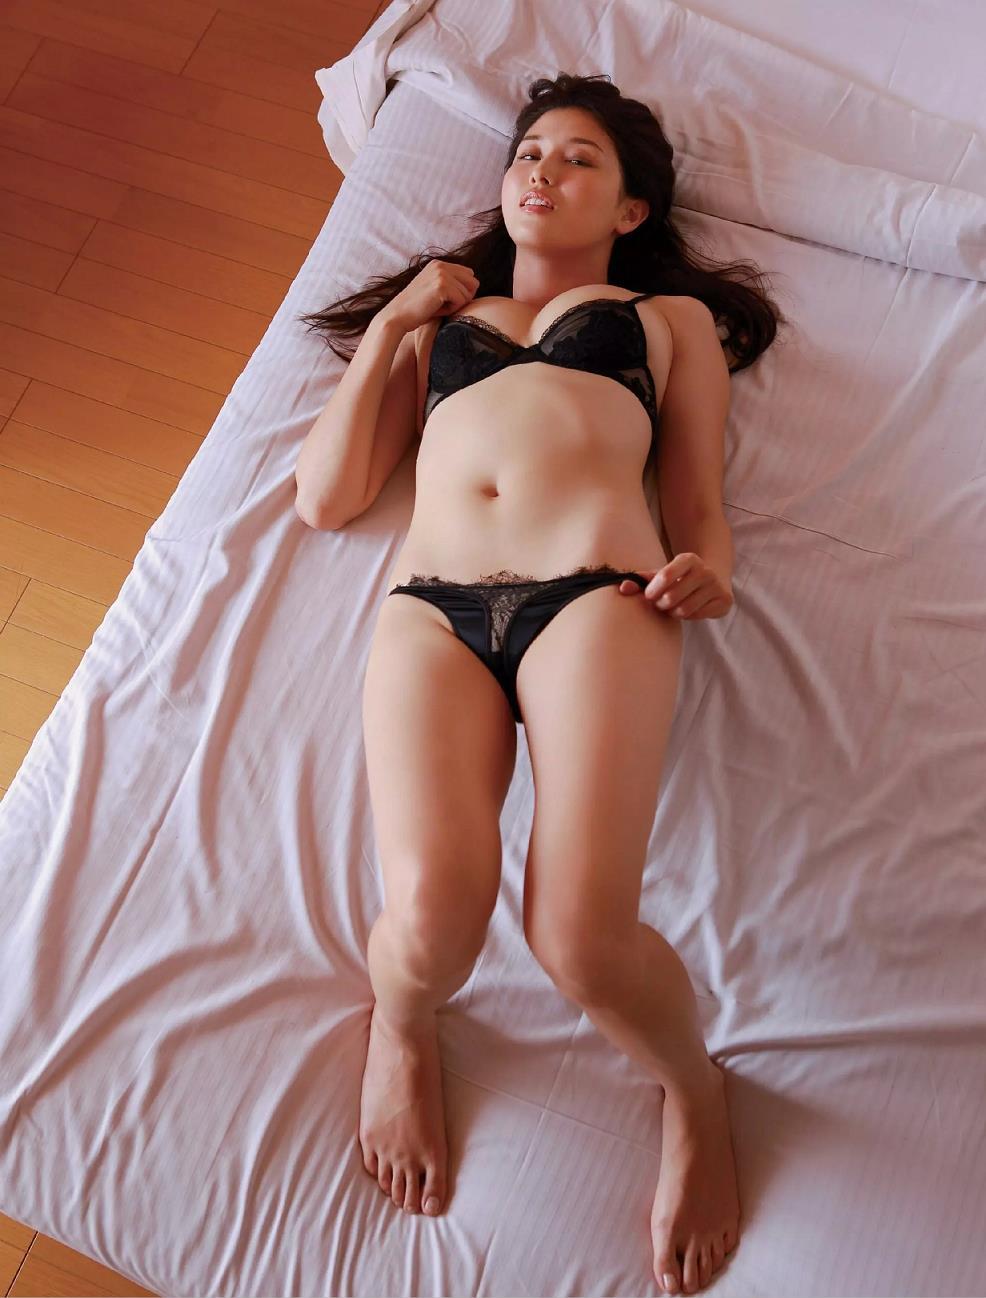 グラビアアイドル写真集 国民の愛人事Gカップの橋本マナミちゃんのグラビアまとめ画像パート3 100枚Number201-300